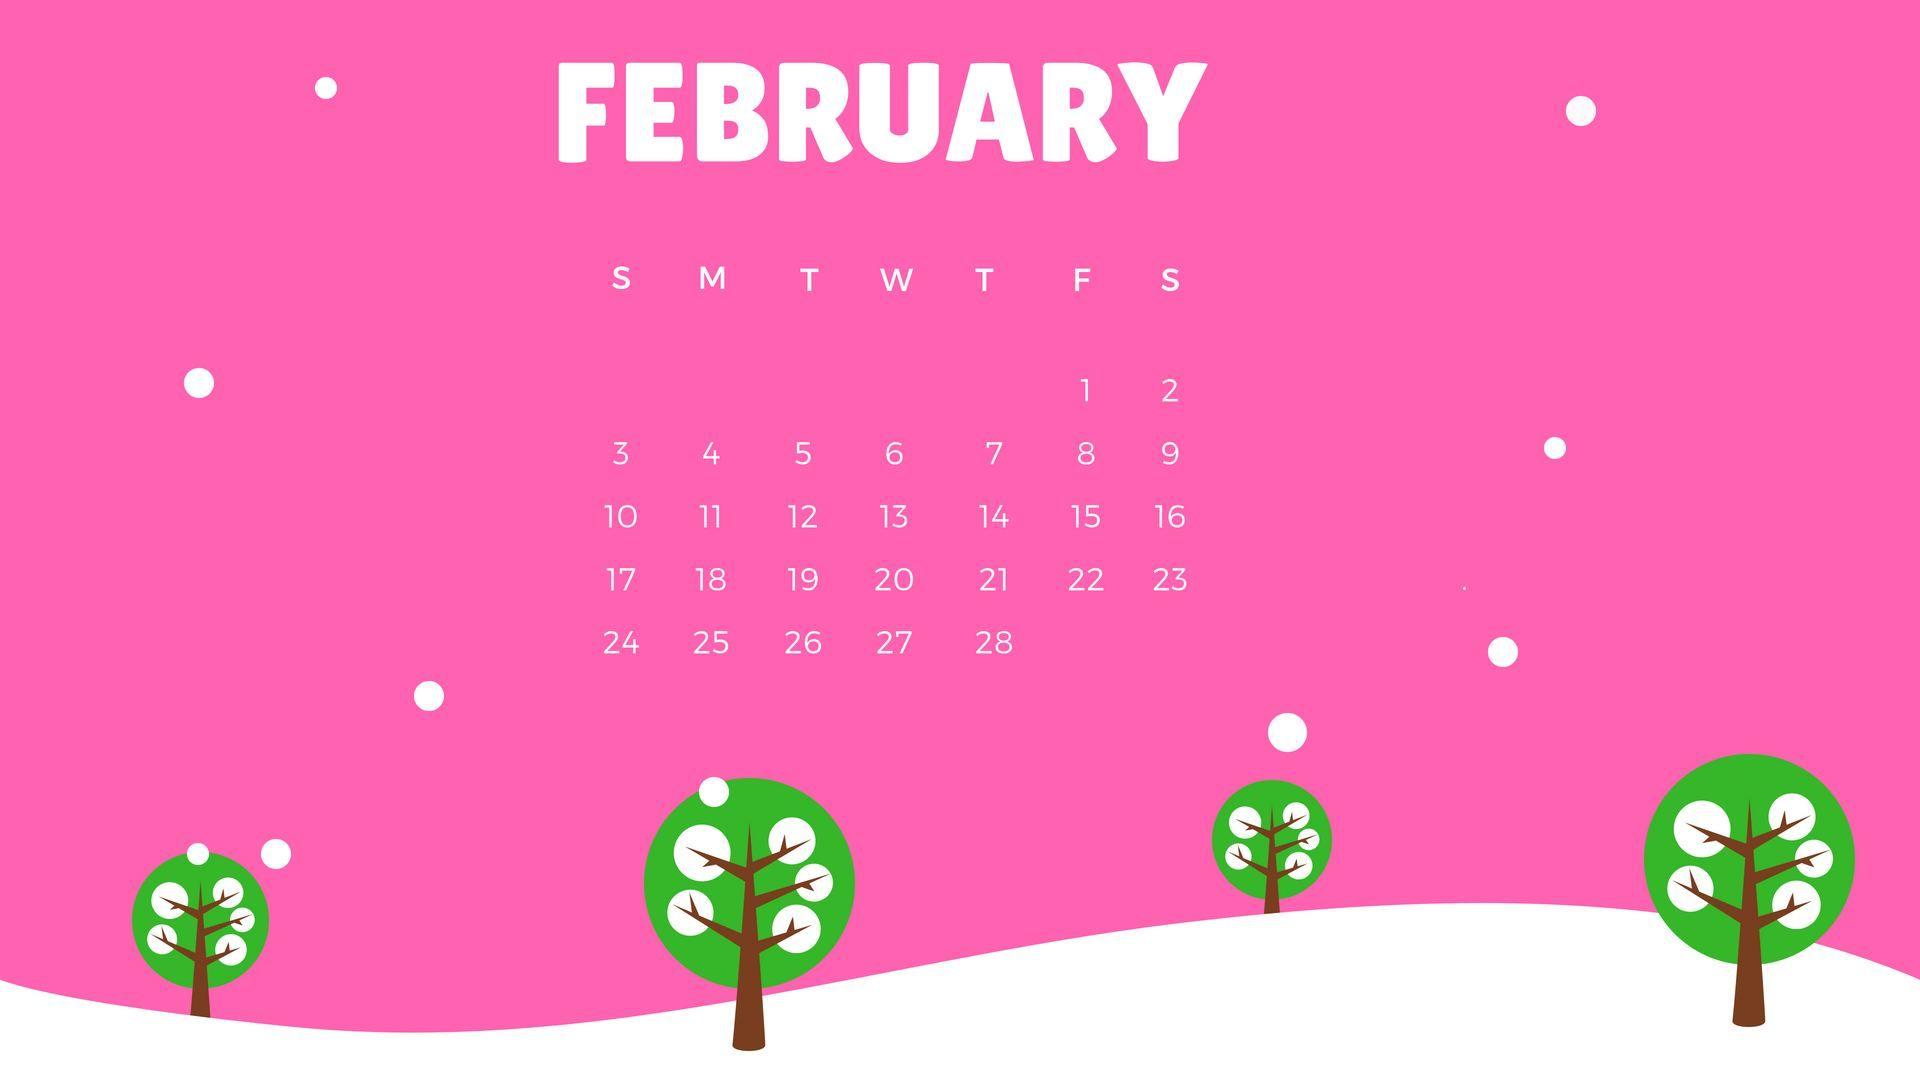 Background Calendar 2019 February february 2019 calendar wallpaper | Calendar 2019 Wallpapers | 2019